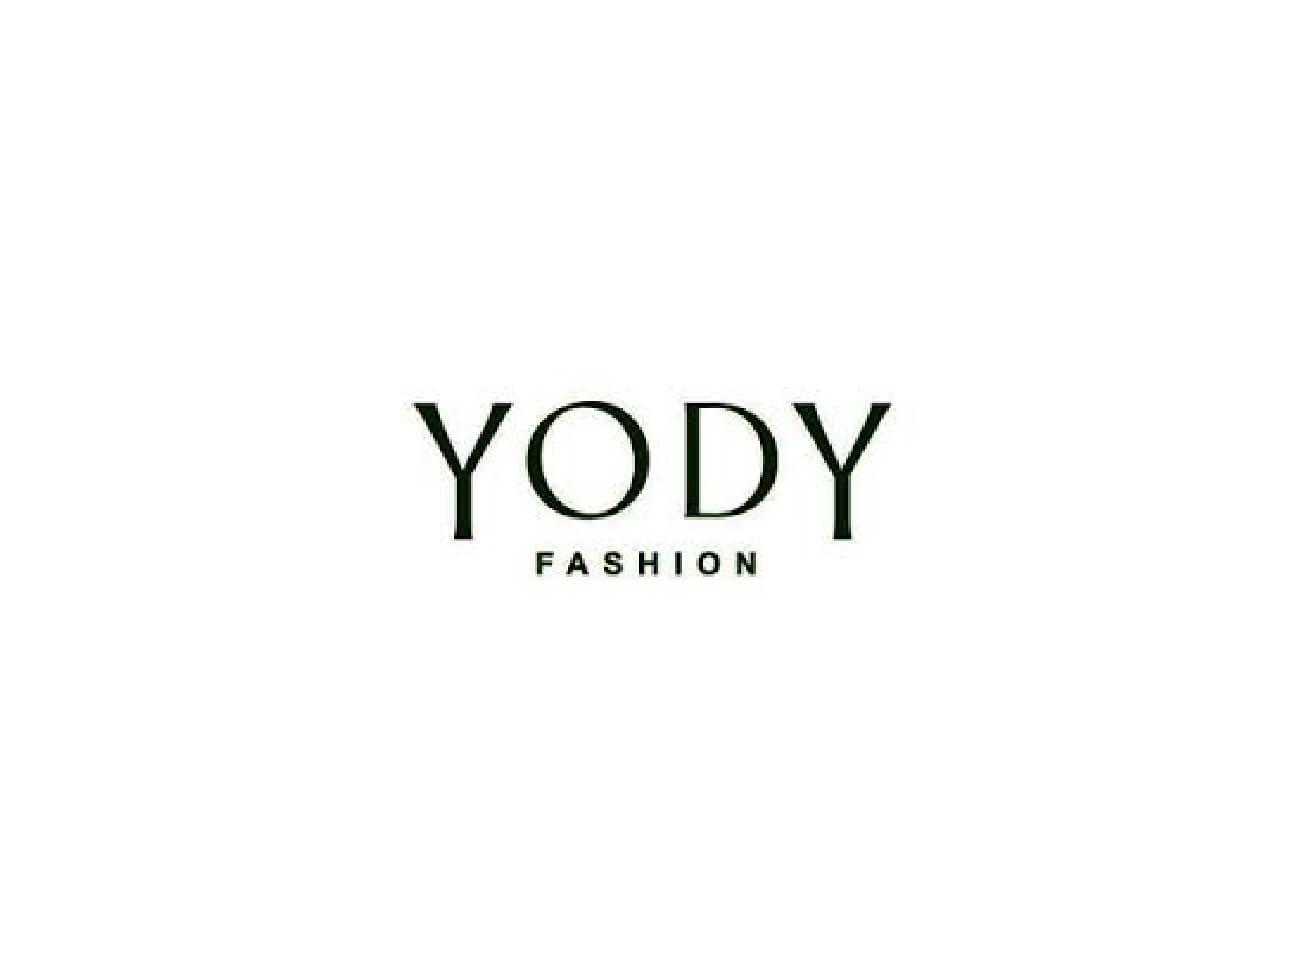 yody-fashion